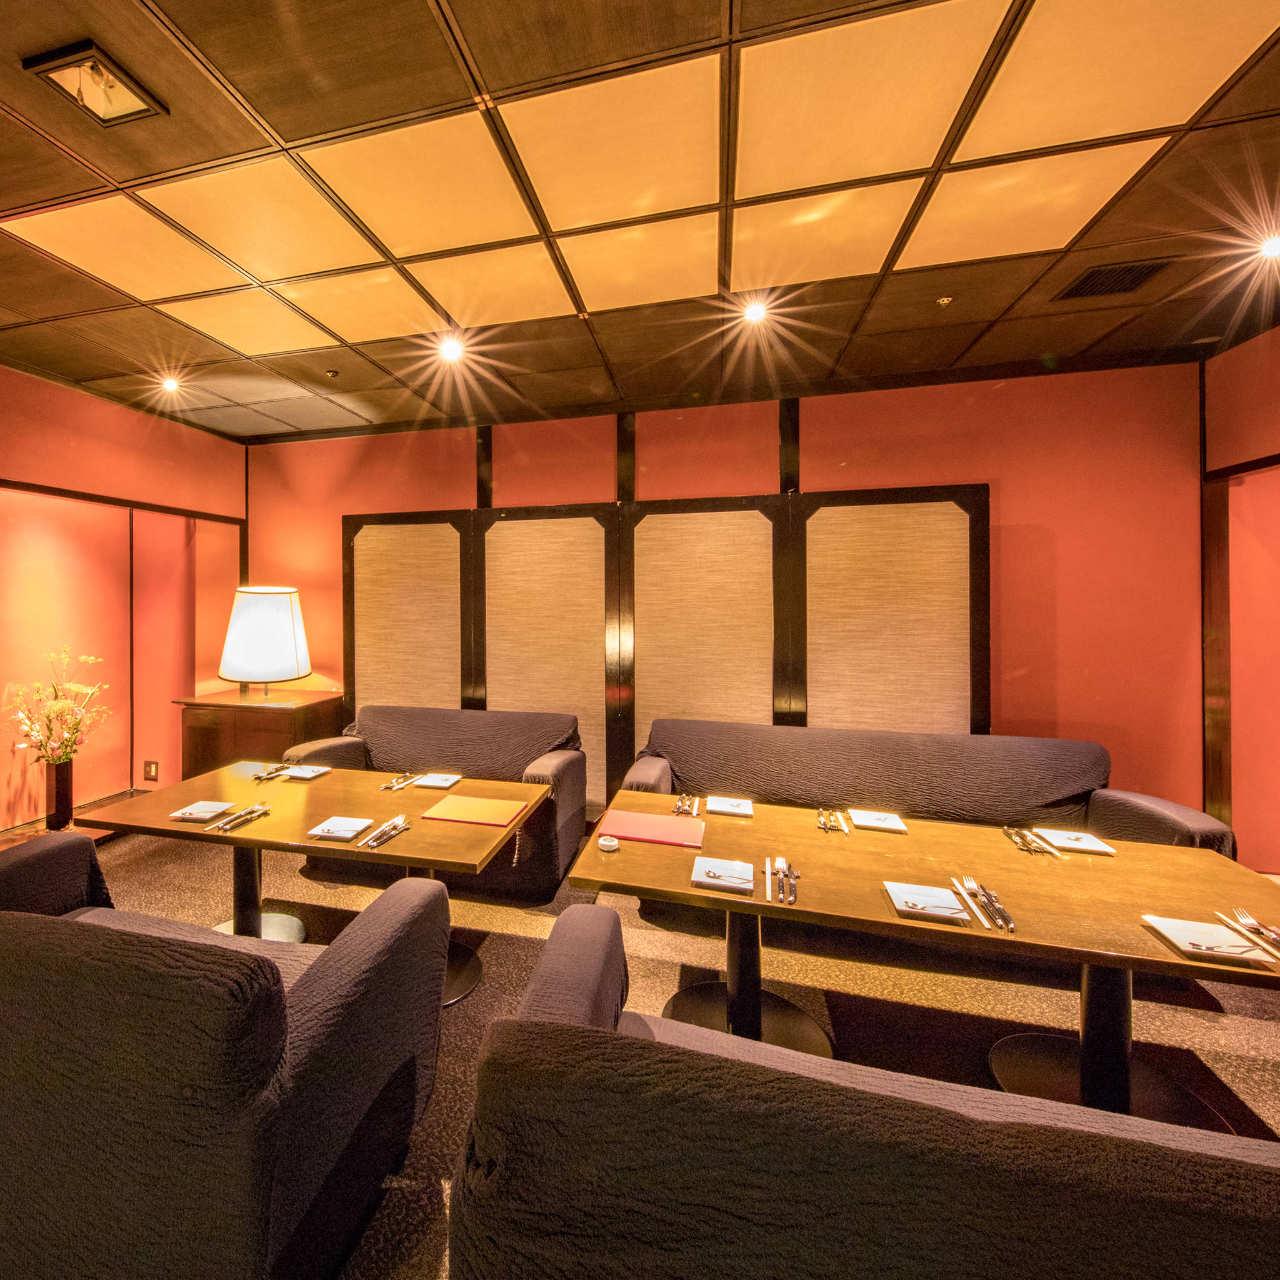 落ち着きのある雰囲気は接待/会食などにも最適な空間です。